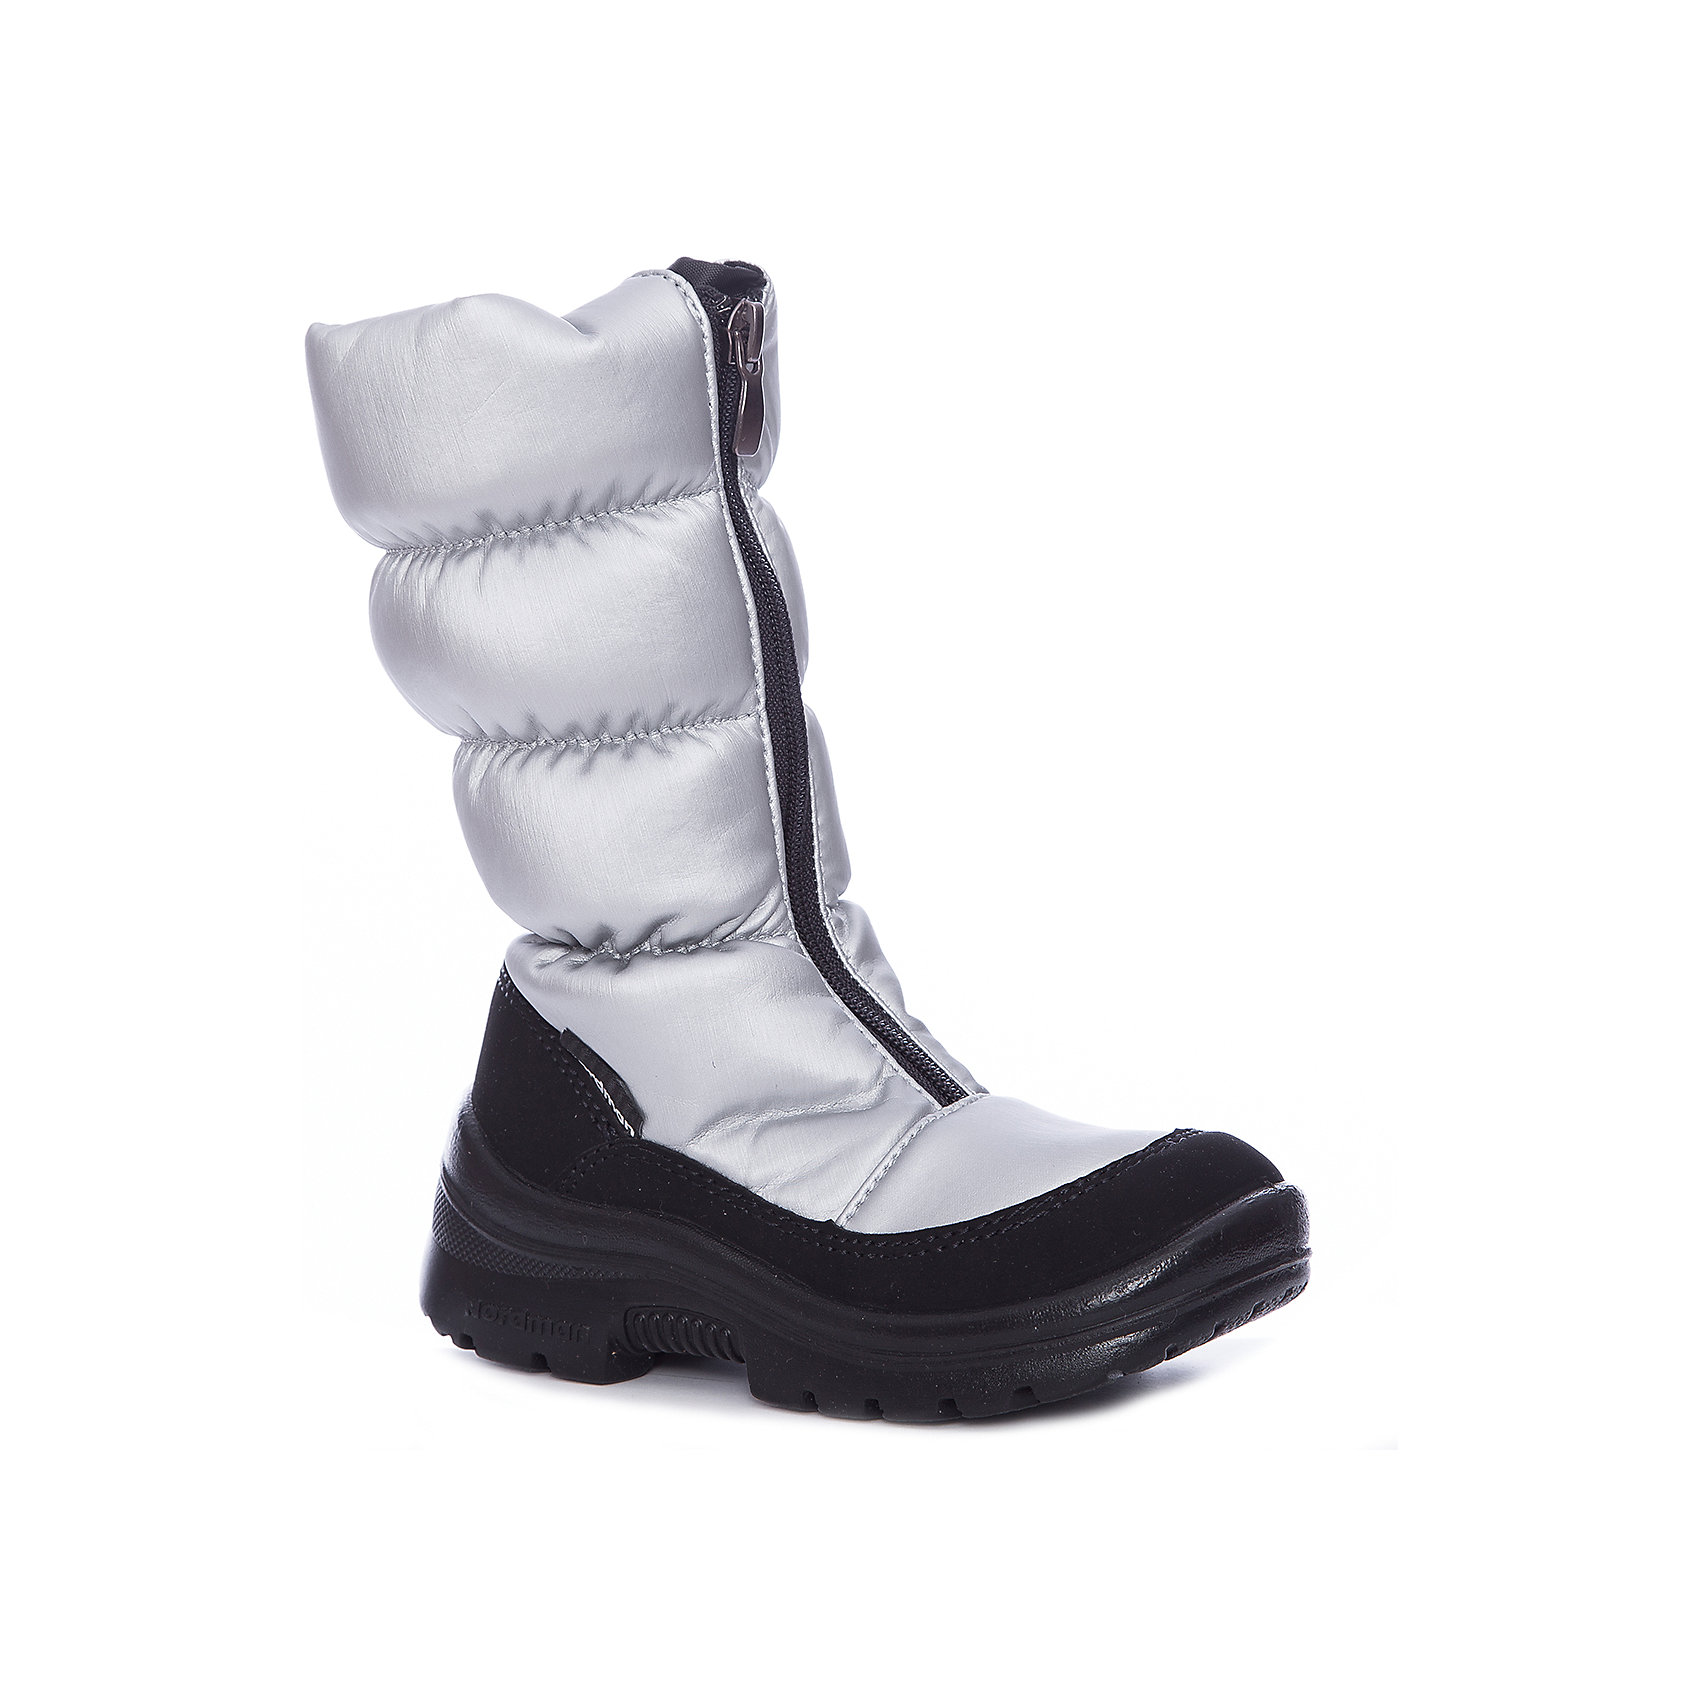 Сапоги для девочки NordmanДутики<br>Характеристики товара:<br><br>• цвет: серый<br>• материал верха: текстиль <br>• подклад: шерстяной мех<br>• стелька: шерстяной мех<br>• подошва: ЭВА<br>• сезон: зима<br>• температурный режим: от 0 до -20<br>• застежка: молния<br>• подошва не скользит<br>• анатомические <br>• страна бренда: Россия<br>• страна изготовитель: Россия<br><br>Сапоги для девочки Nordman позволяют сохранить ноги в тепле и одновременно не дают им промокнуть. Такая обувь отлично подходит для снежной зимы или слякоти в межсезонье. <br><br>Высокое голенище предотвращает попадание снега в сапог. Меховая подкладка обеспечивает комфортные условия для ног благодаря способности материала впитывать влагу.<br><br>Сапоги для девочки Nordman (Нордман) можно купить в нашем интернет-магазине.<br><br>Ширина мм: 257<br>Глубина мм: 180<br>Высота мм: 130<br>Вес г: 420<br>Цвет: серебряный<br>Возраст от месяцев: 156<br>Возраст до месяцев: 168<br>Пол: Женский<br>Возраст: Детский<br>Размер: 37,35,27,28,29,30,31,32,33,34,36<br>SKU: 6867461